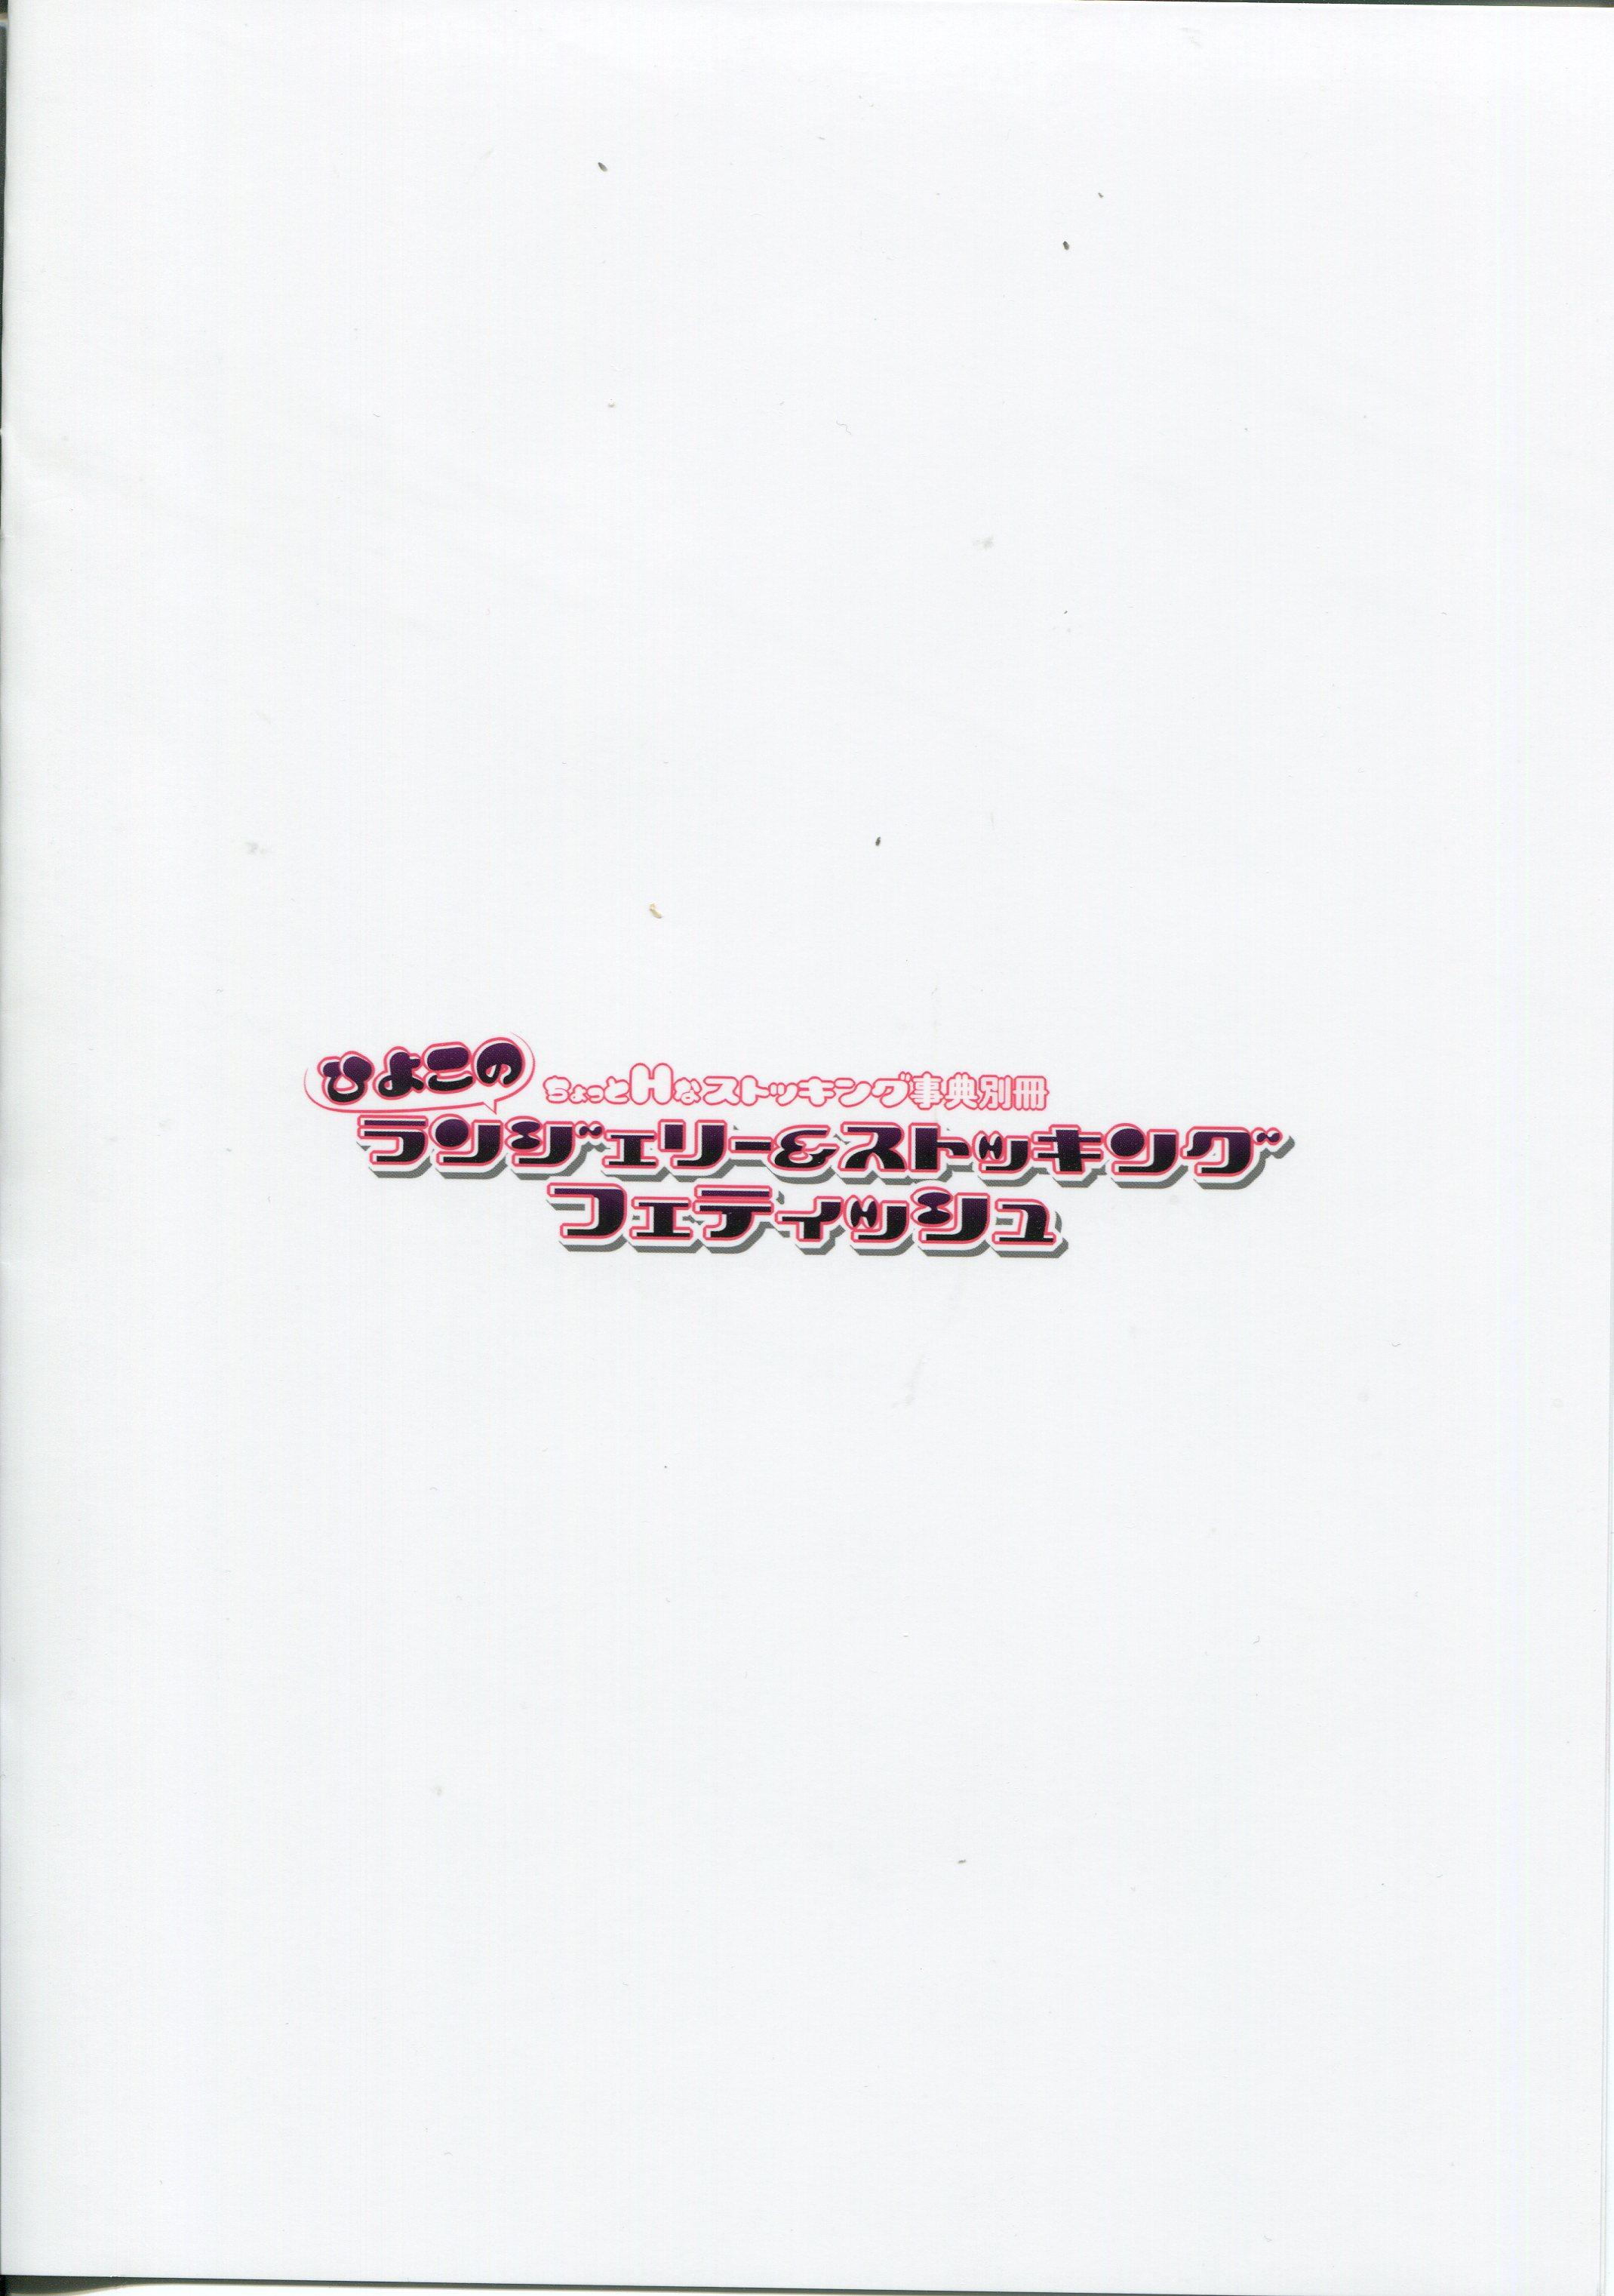 エッチなランジェリーとストッキングが好きな人の為のフルカラー漫画www (2)